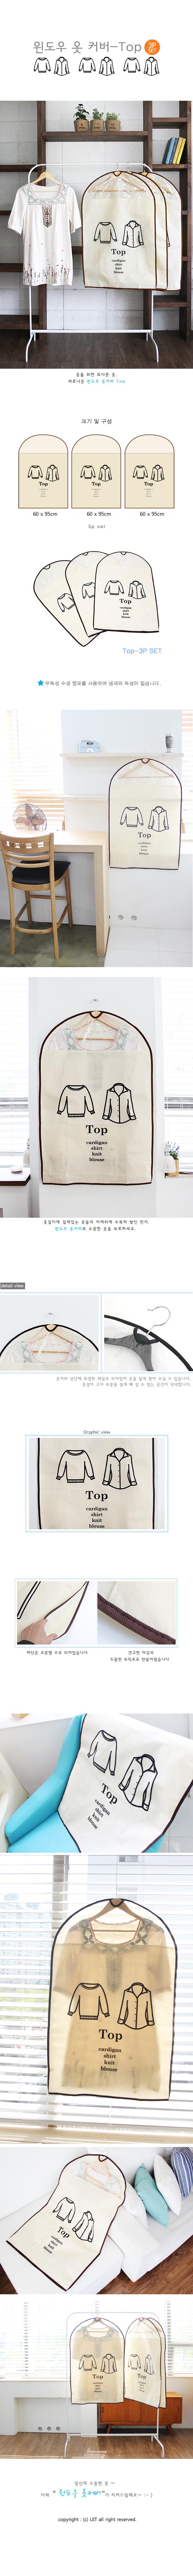 윈도우 옷커버 - Top 3p 세트 - 유아이티, 9,500원, 의류커버/압축팩, 의류 커버